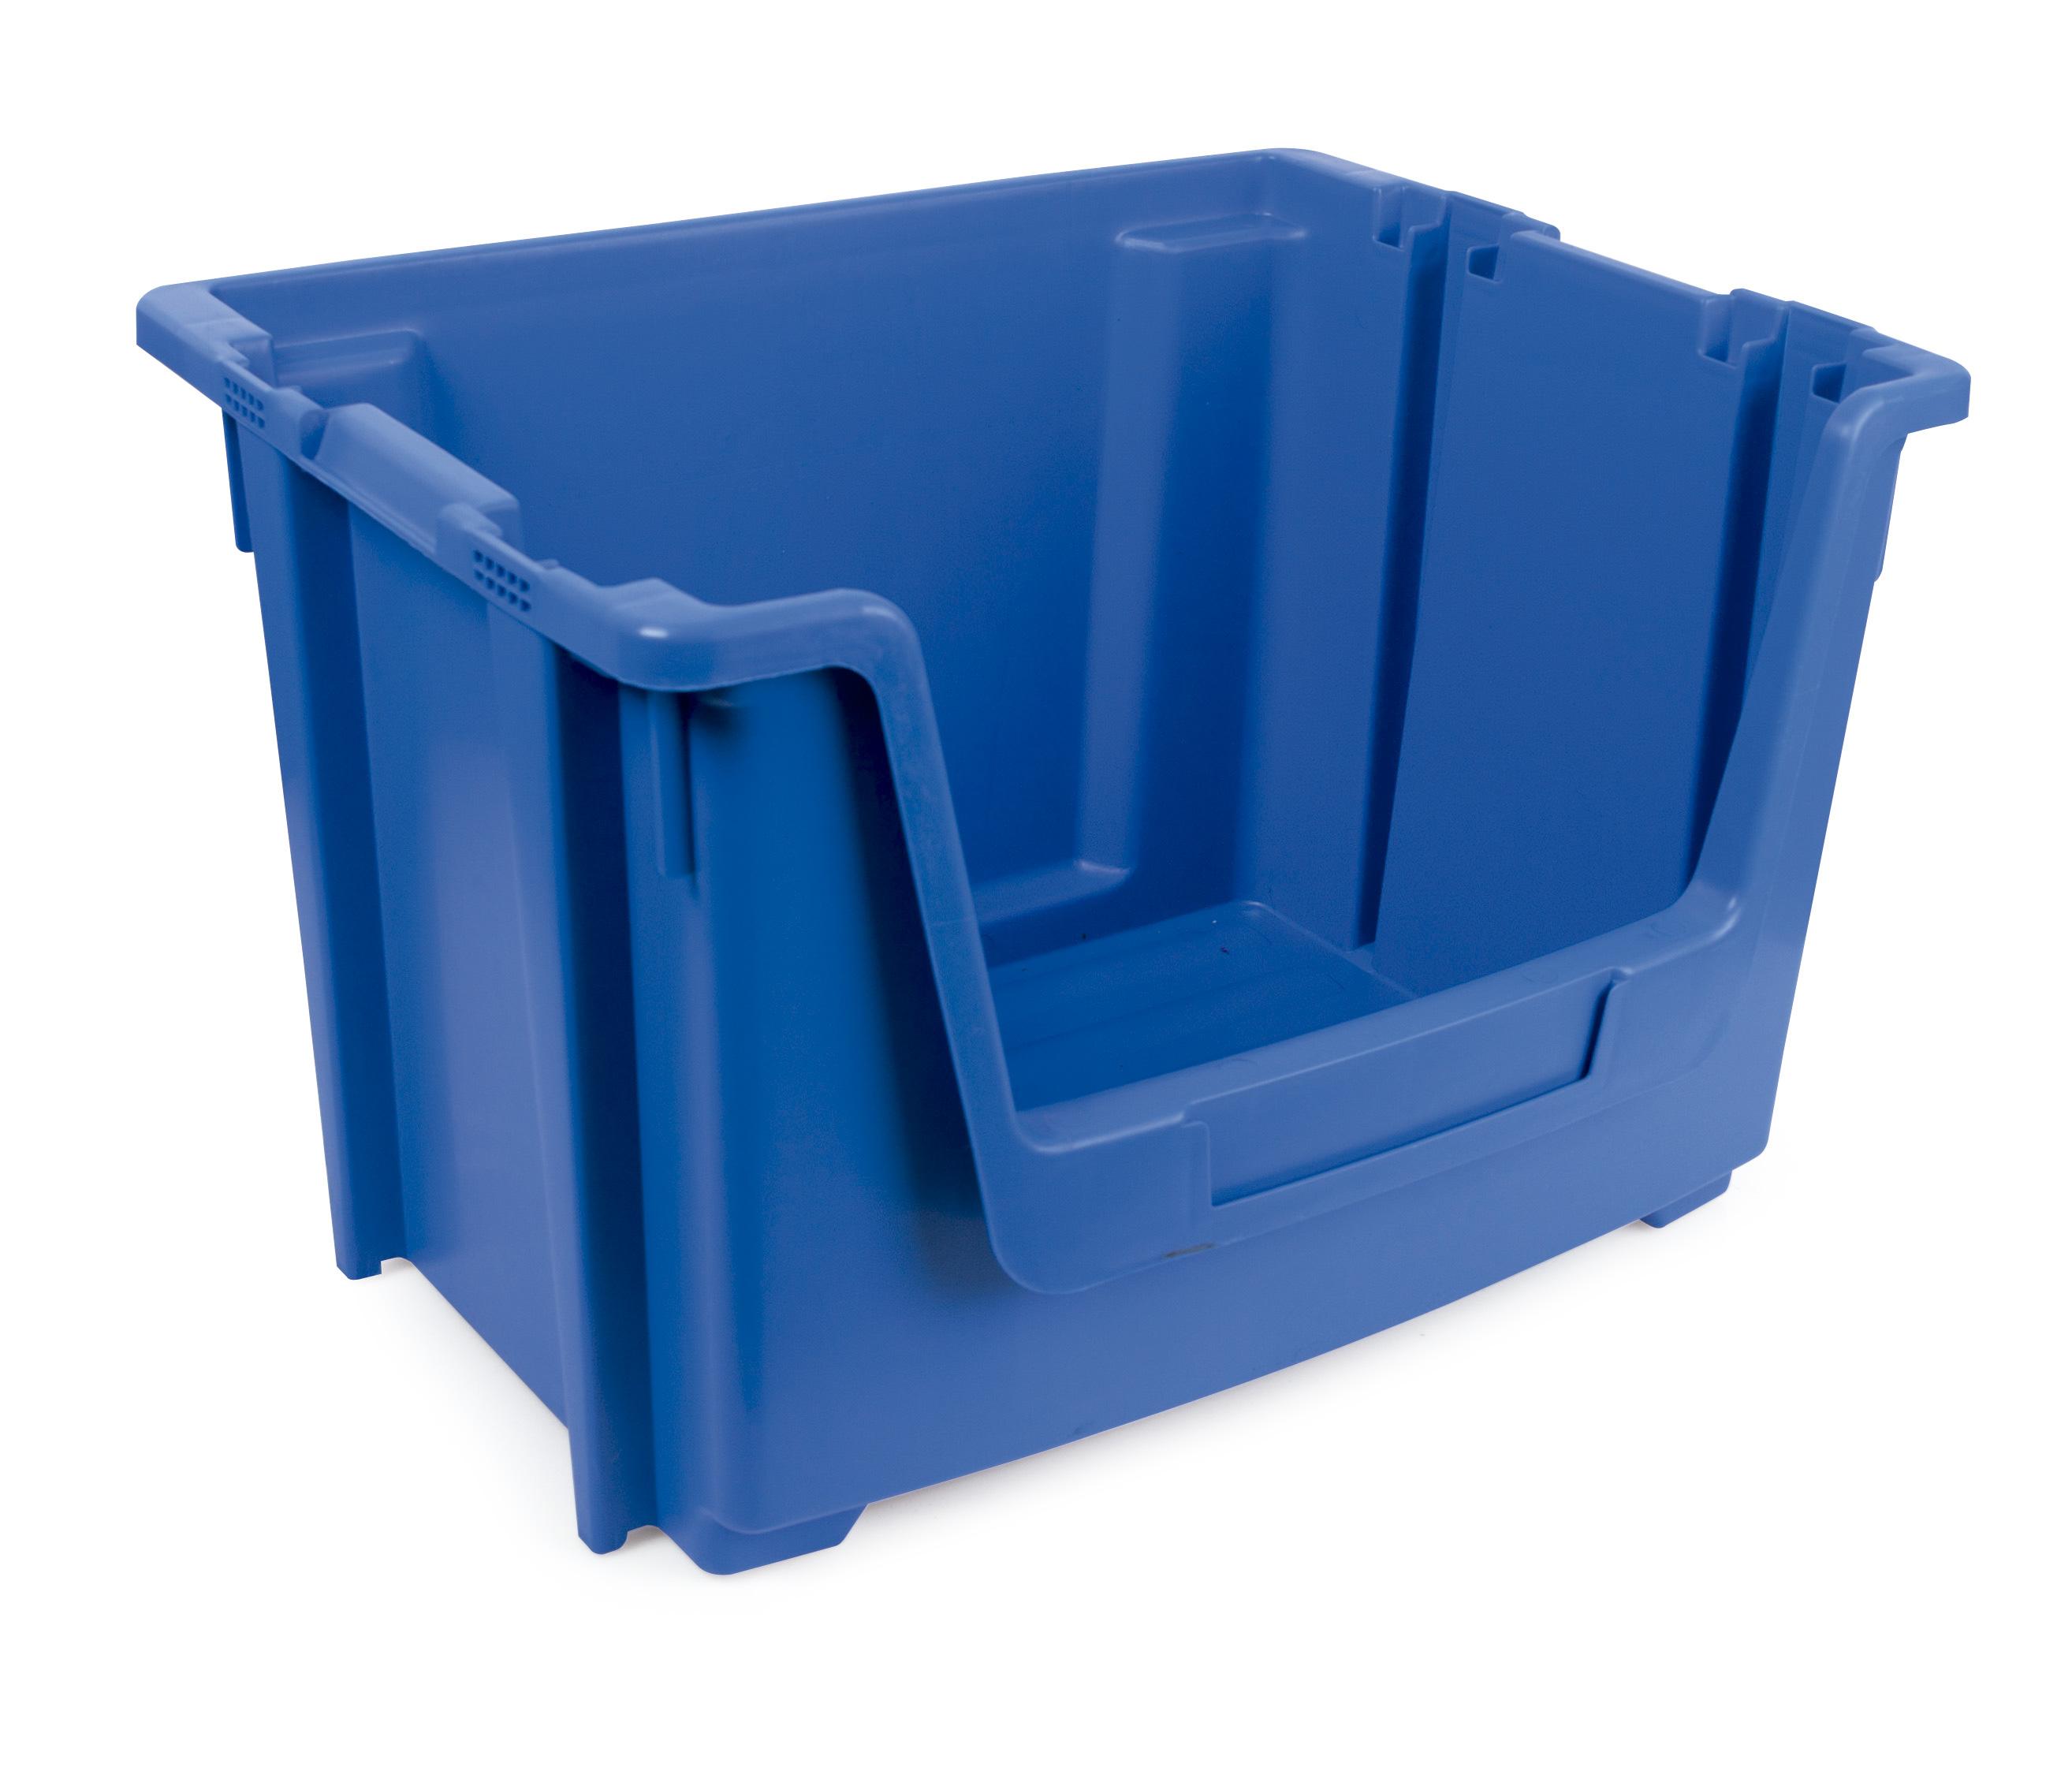 1 contenedor encajable apilable 1 - Cajas de almacenaje | Cajas apilables | Cajas de plástico